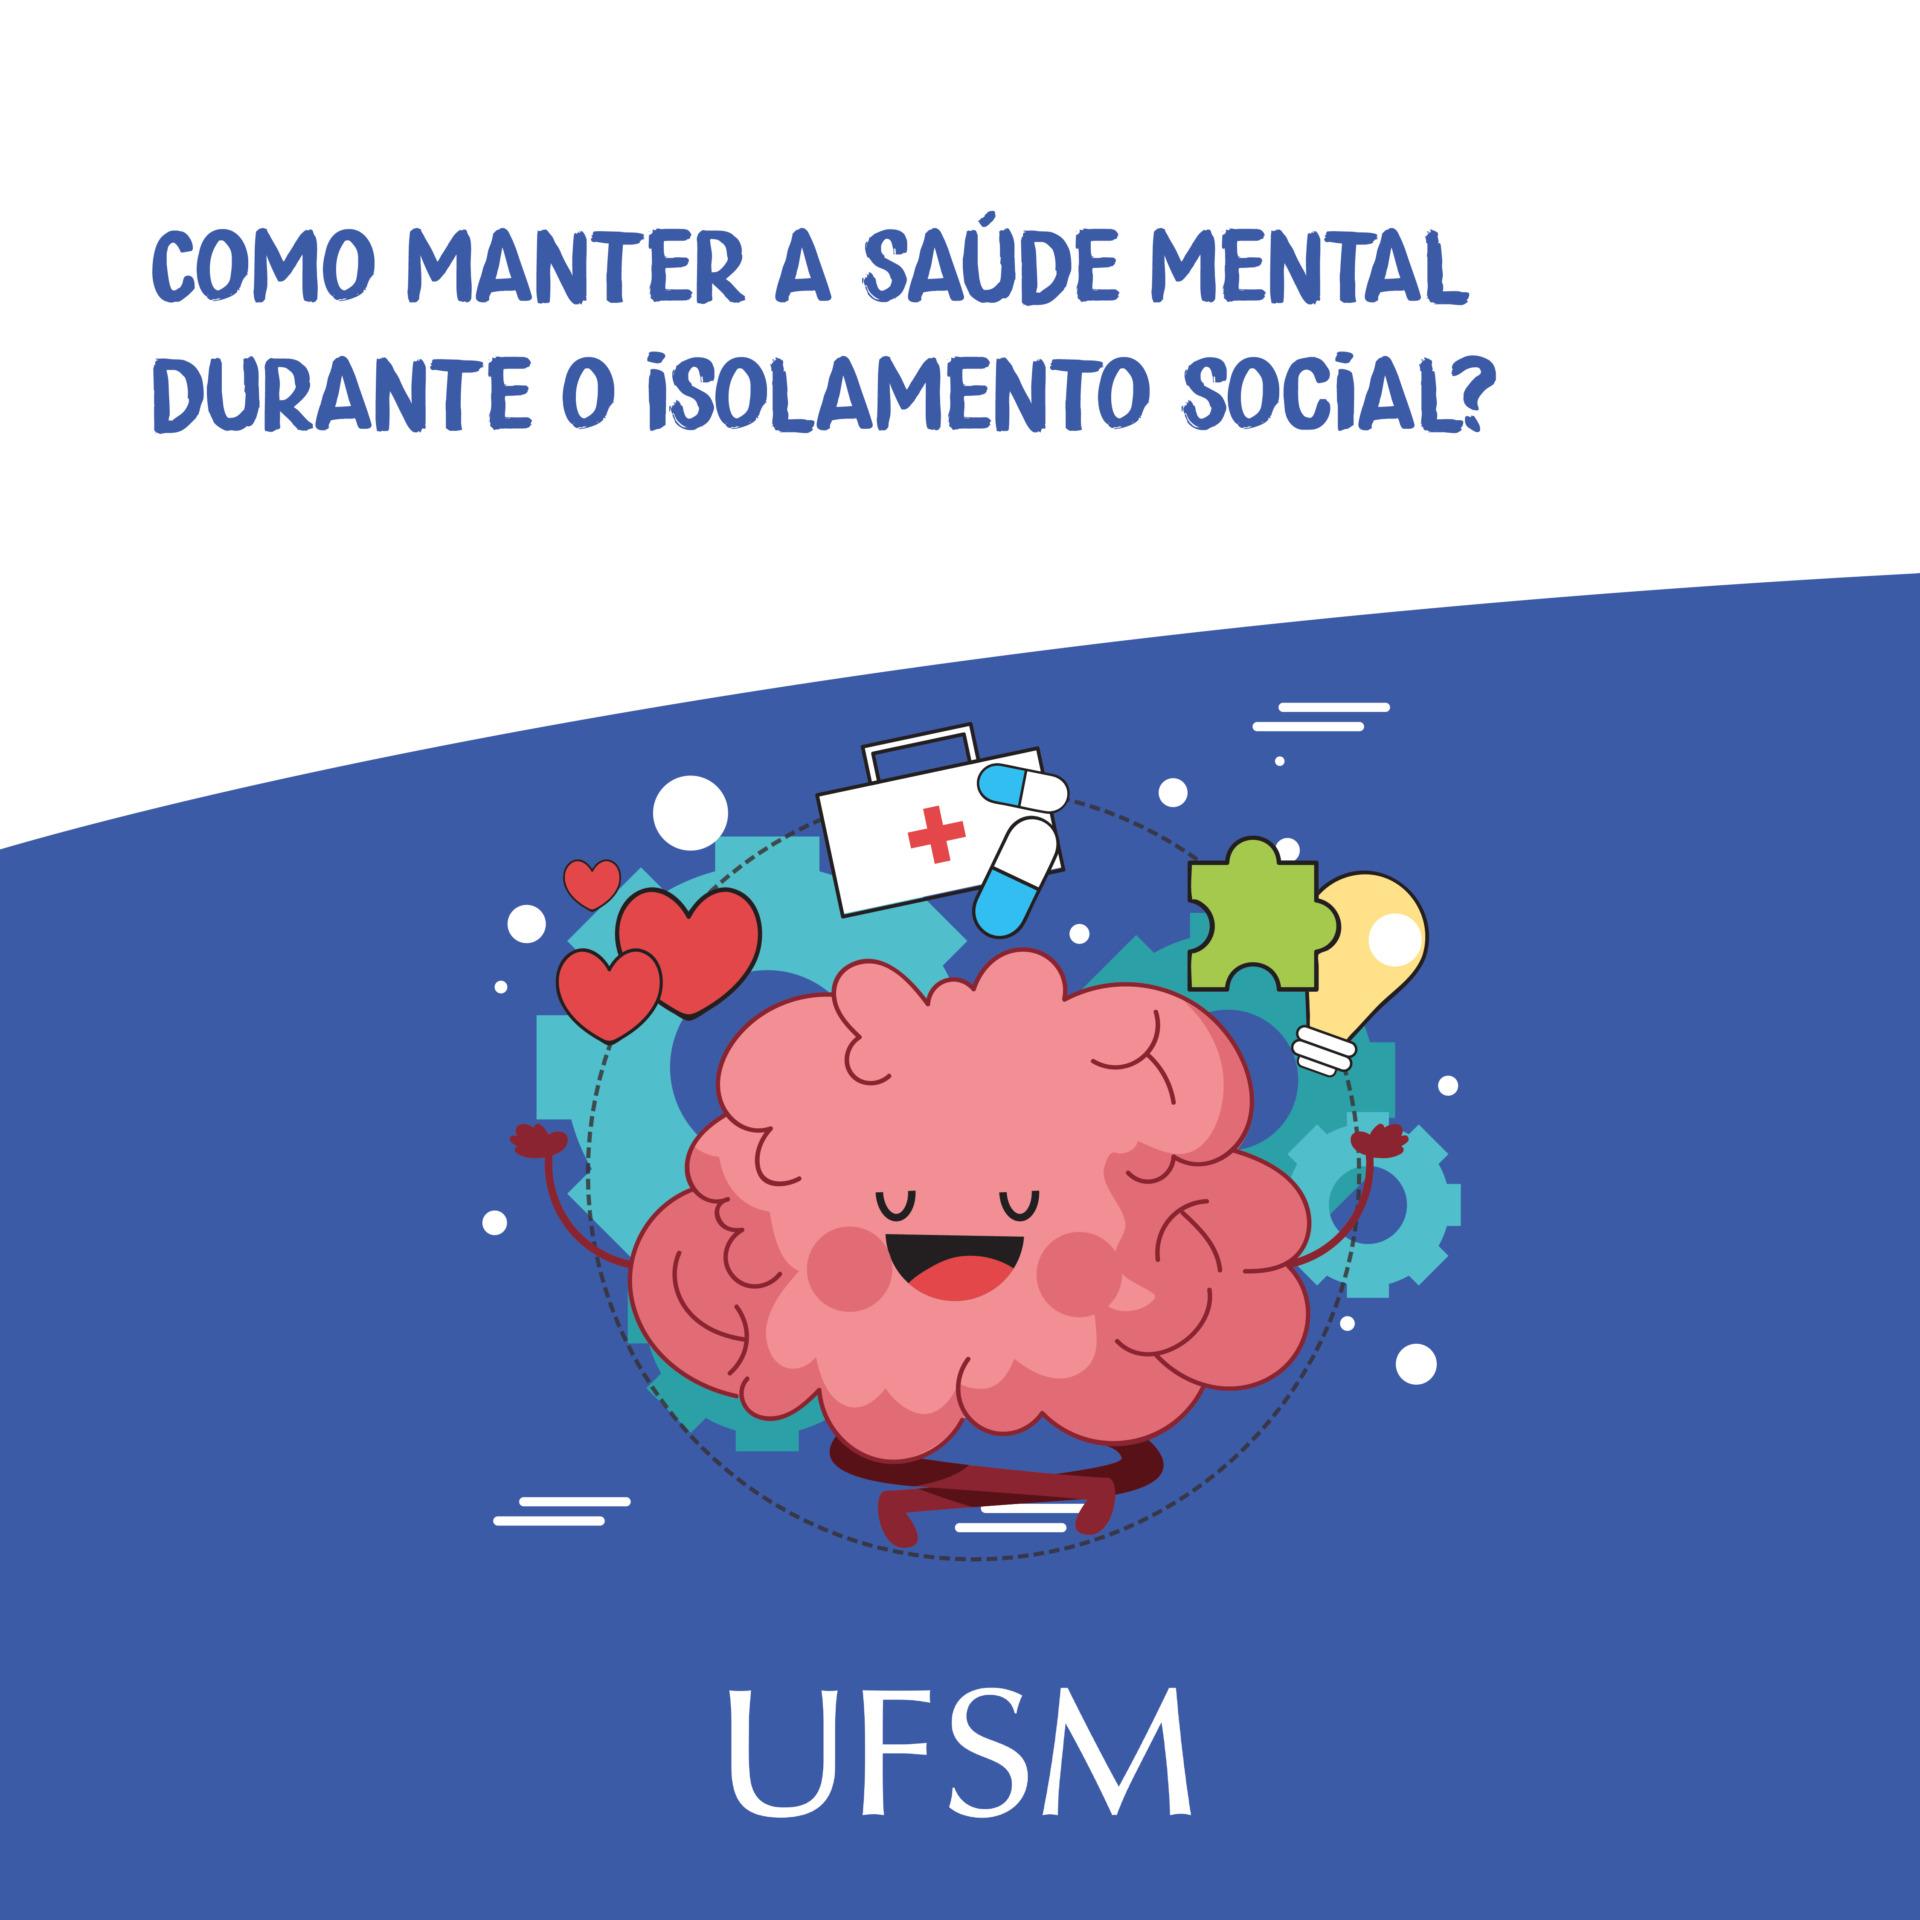 Post Como manter a saúde mental no isolamento social?